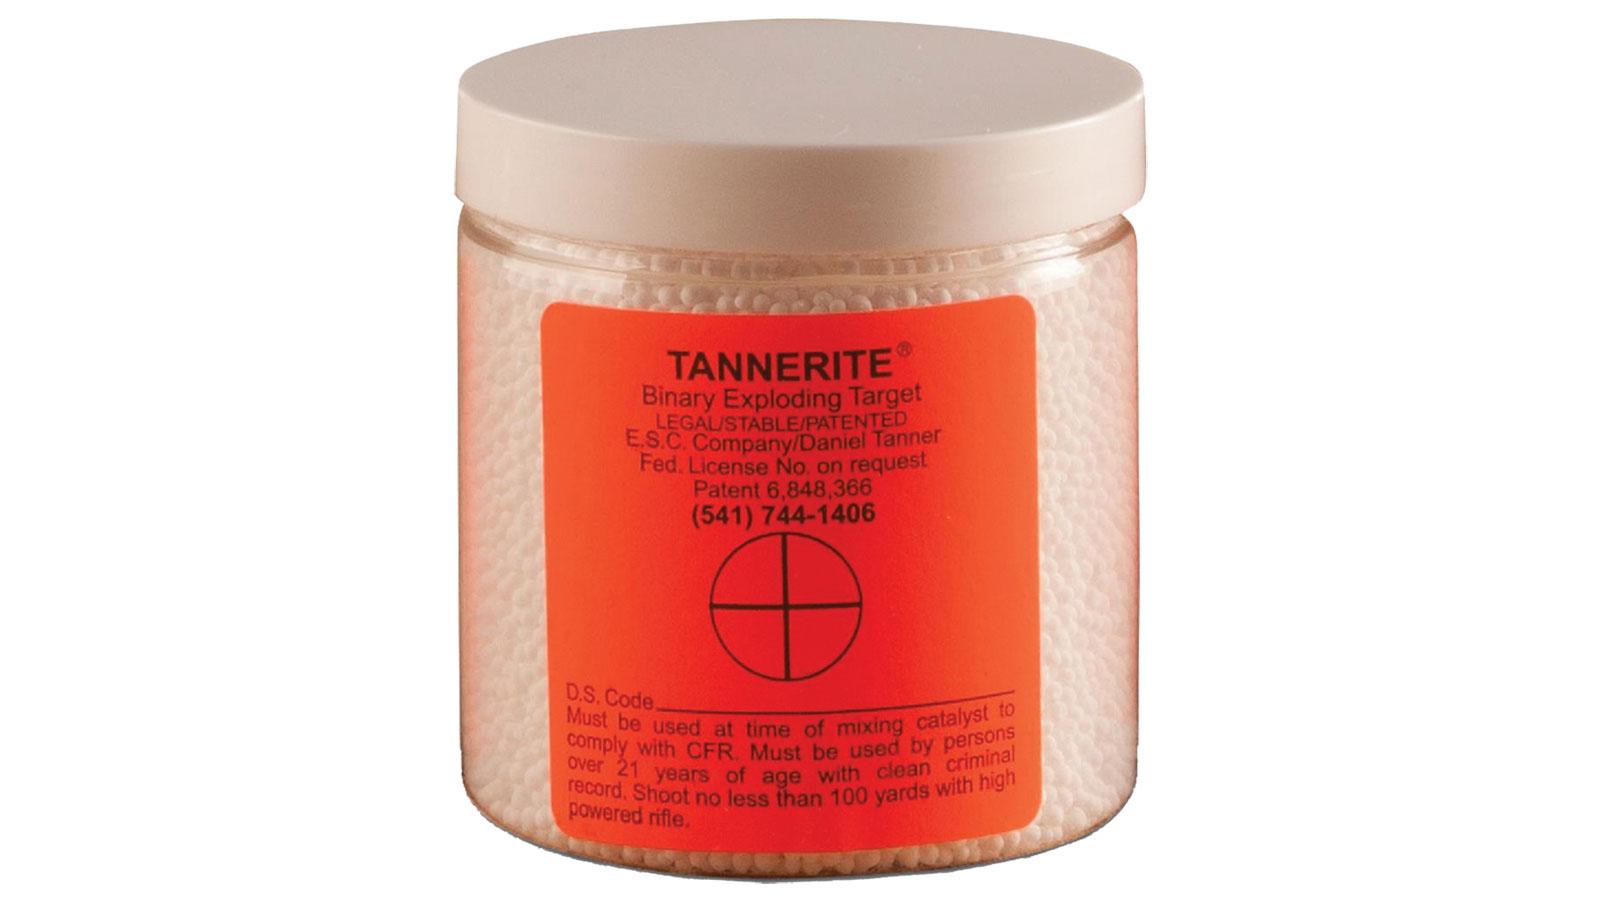 Tannerite 1 lb Extreme Range Target